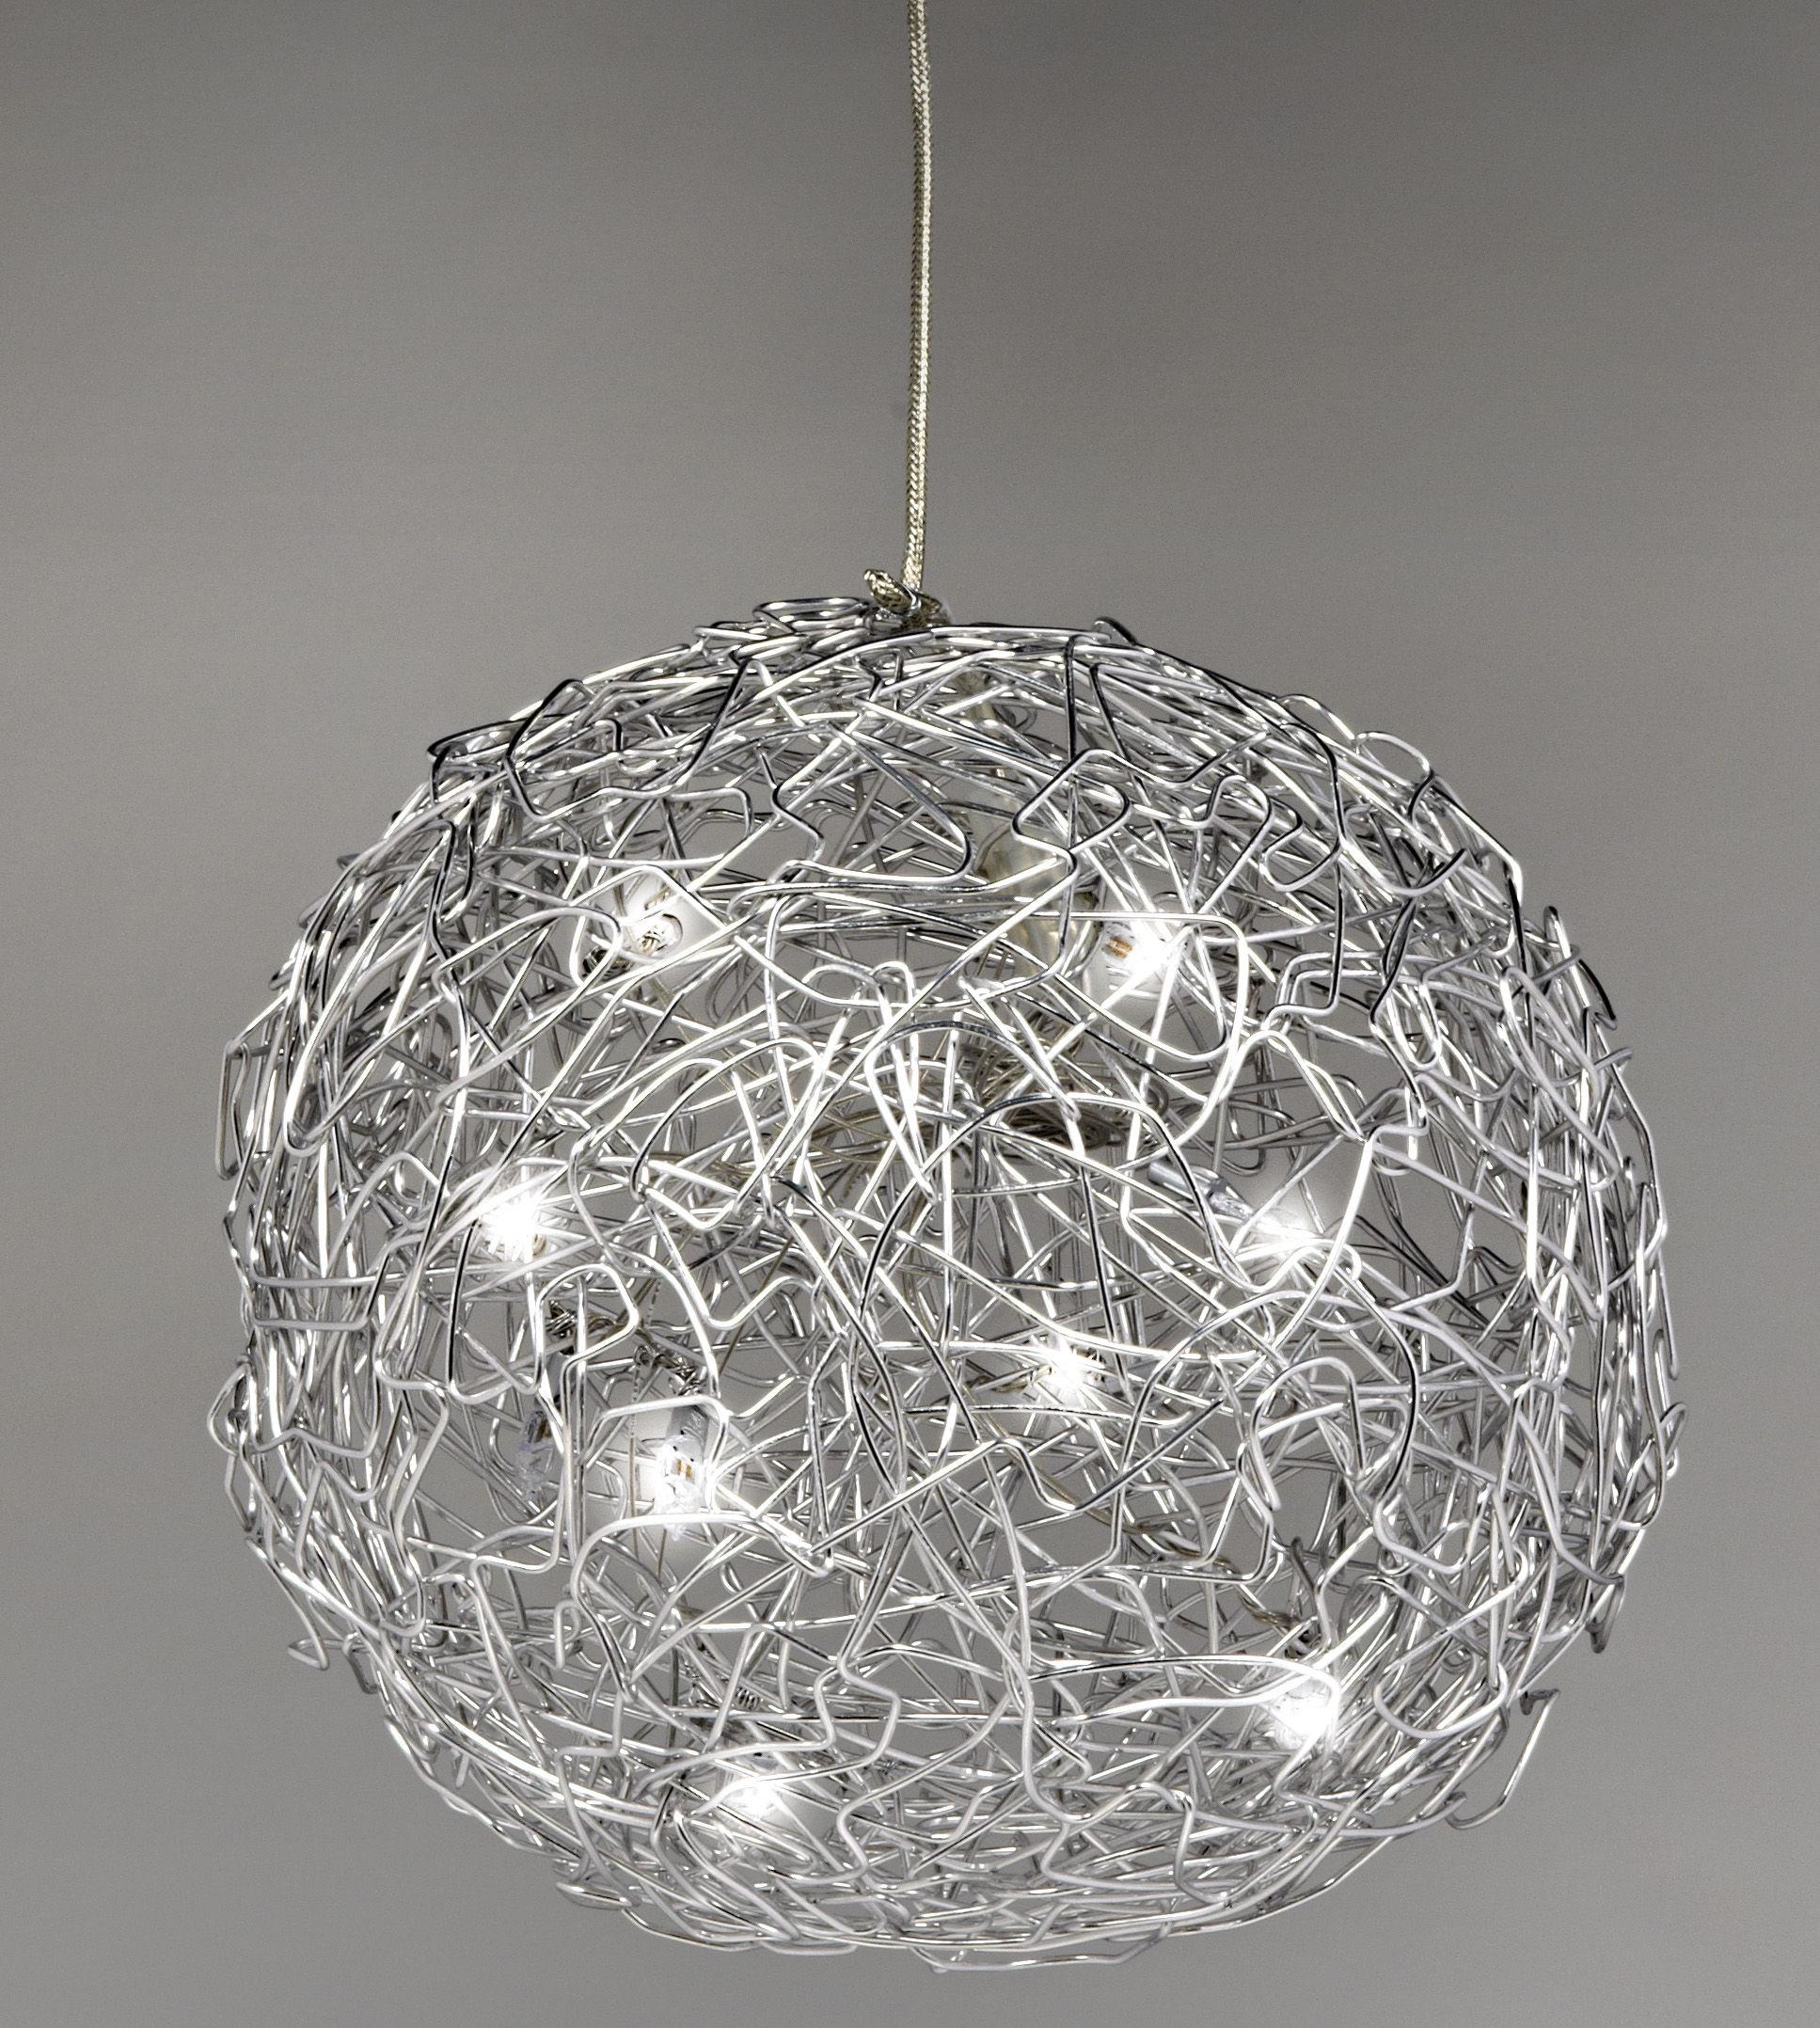 suspension fil de fer 30 cm aluminium 30 cm catellani smith. Black Bedroom Furniture Sets. Home Design Ideas